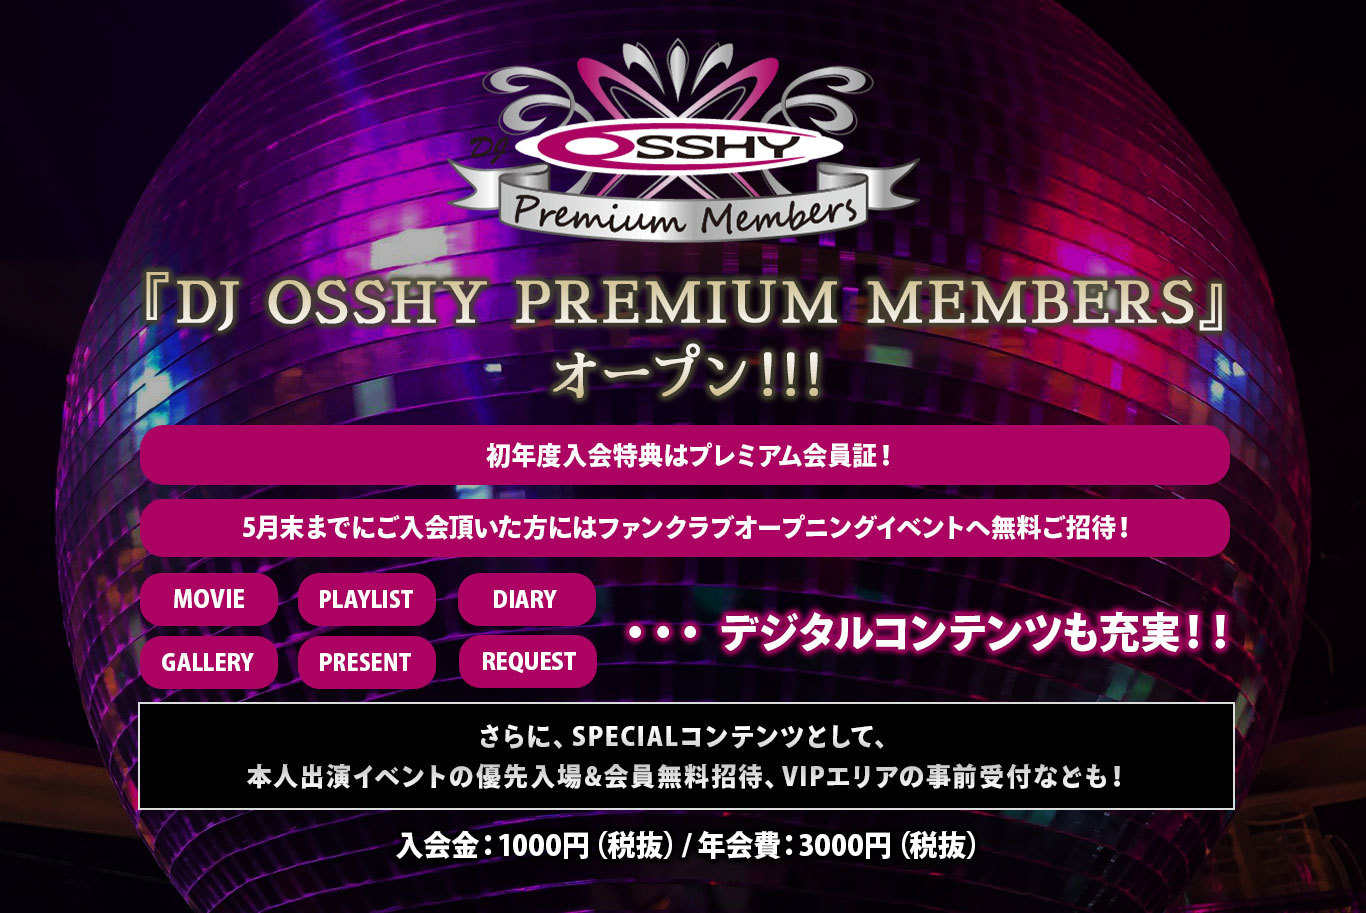 『DJ OSSHY PREMIUM MEMBERS』オープン!!!